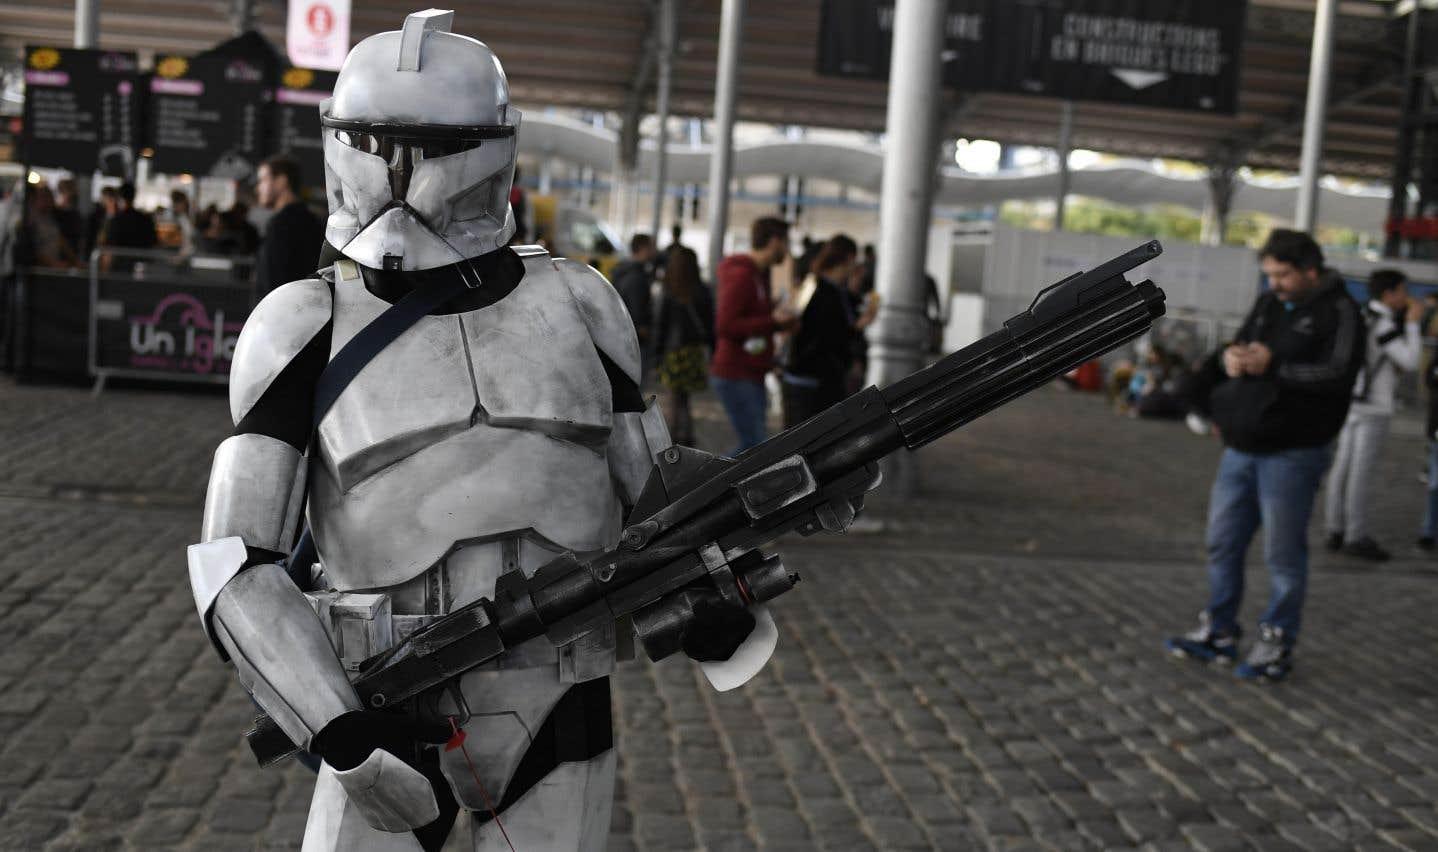 Un homme déguisé en «Stormtrooper» lors du festival Comic Con à la Grande Halle de la Villette à Paris, le 27 octobre dernier